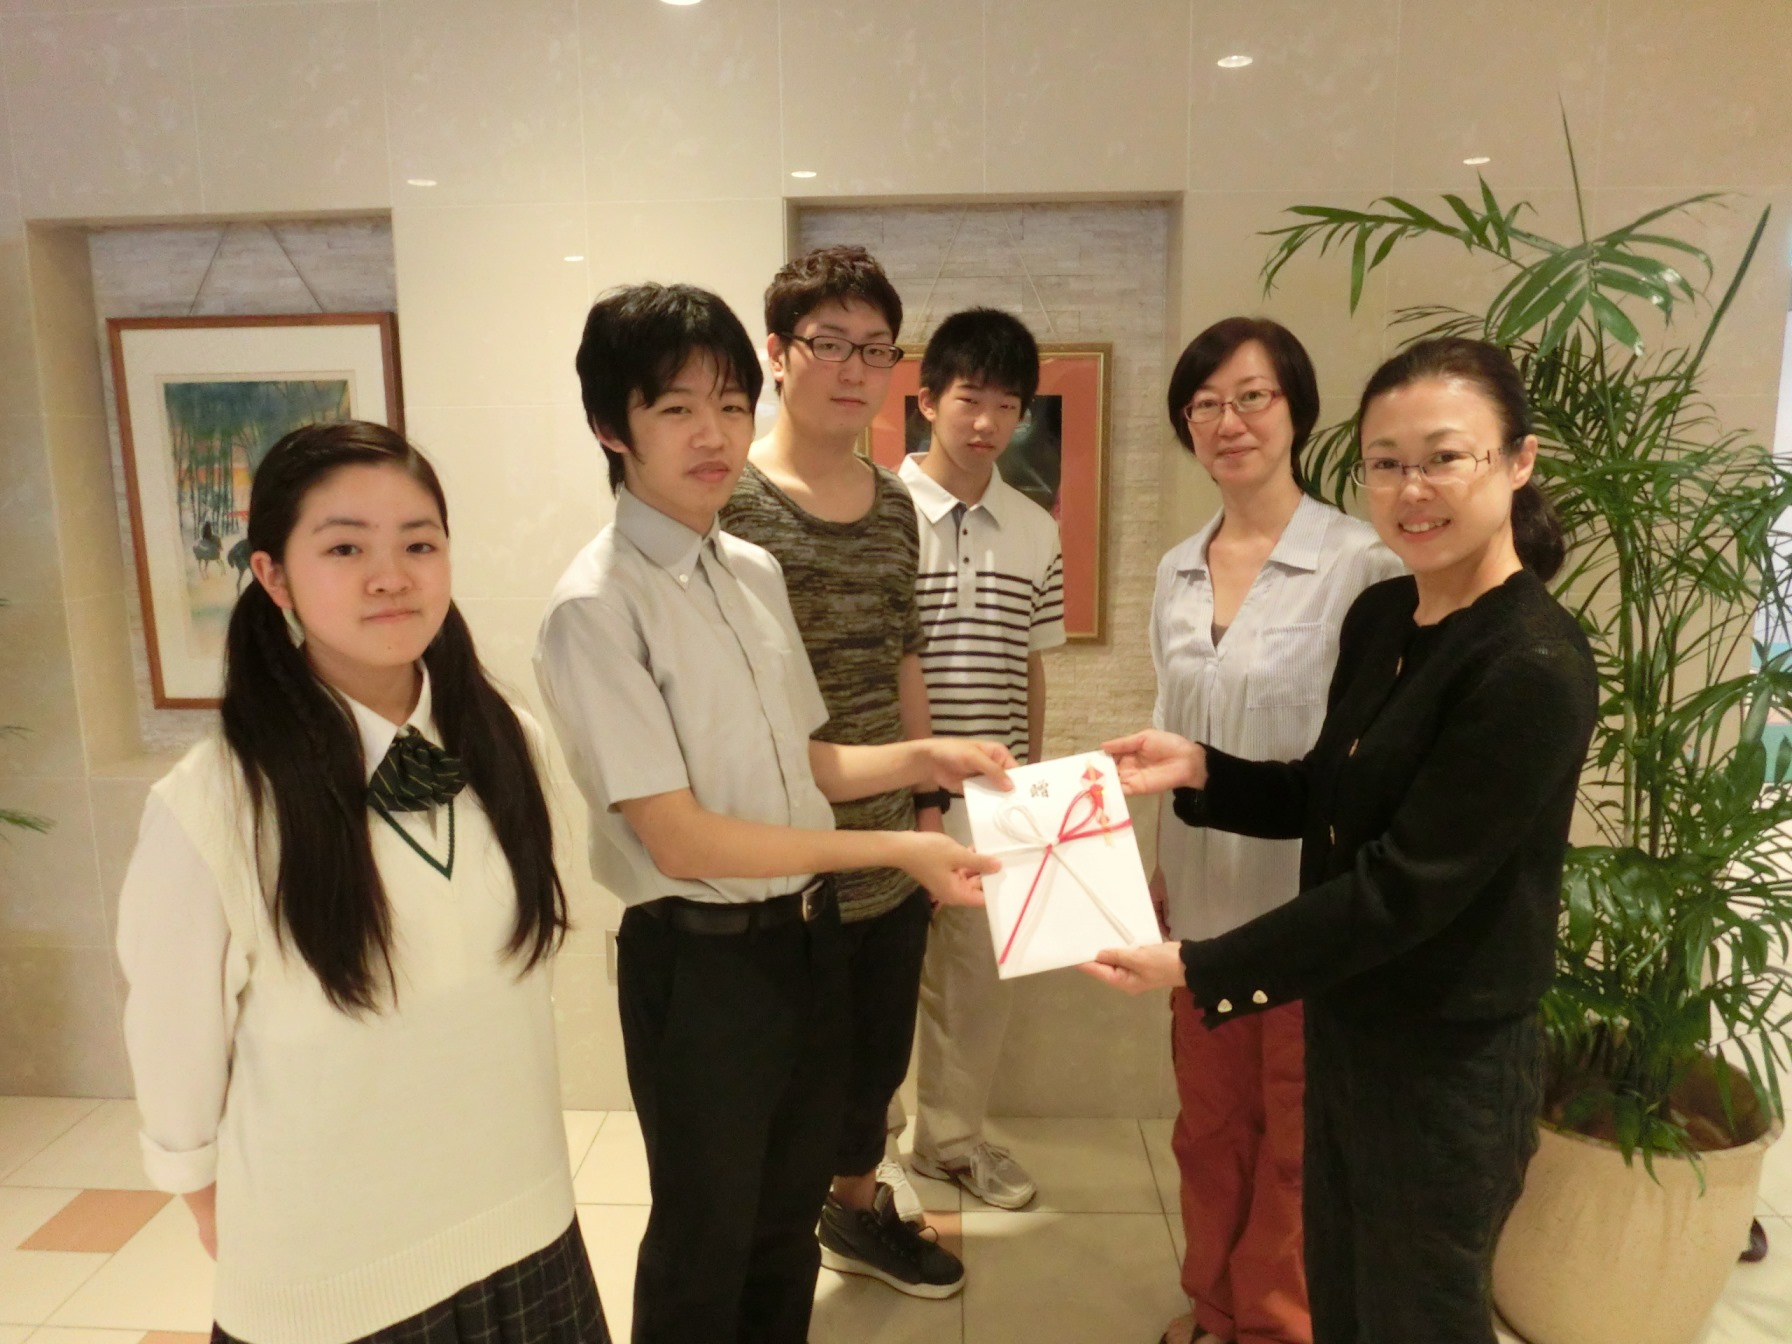 http://www.littlecreators.jp/en/OB_donation2014.07.1%EF%BC%99.JPG